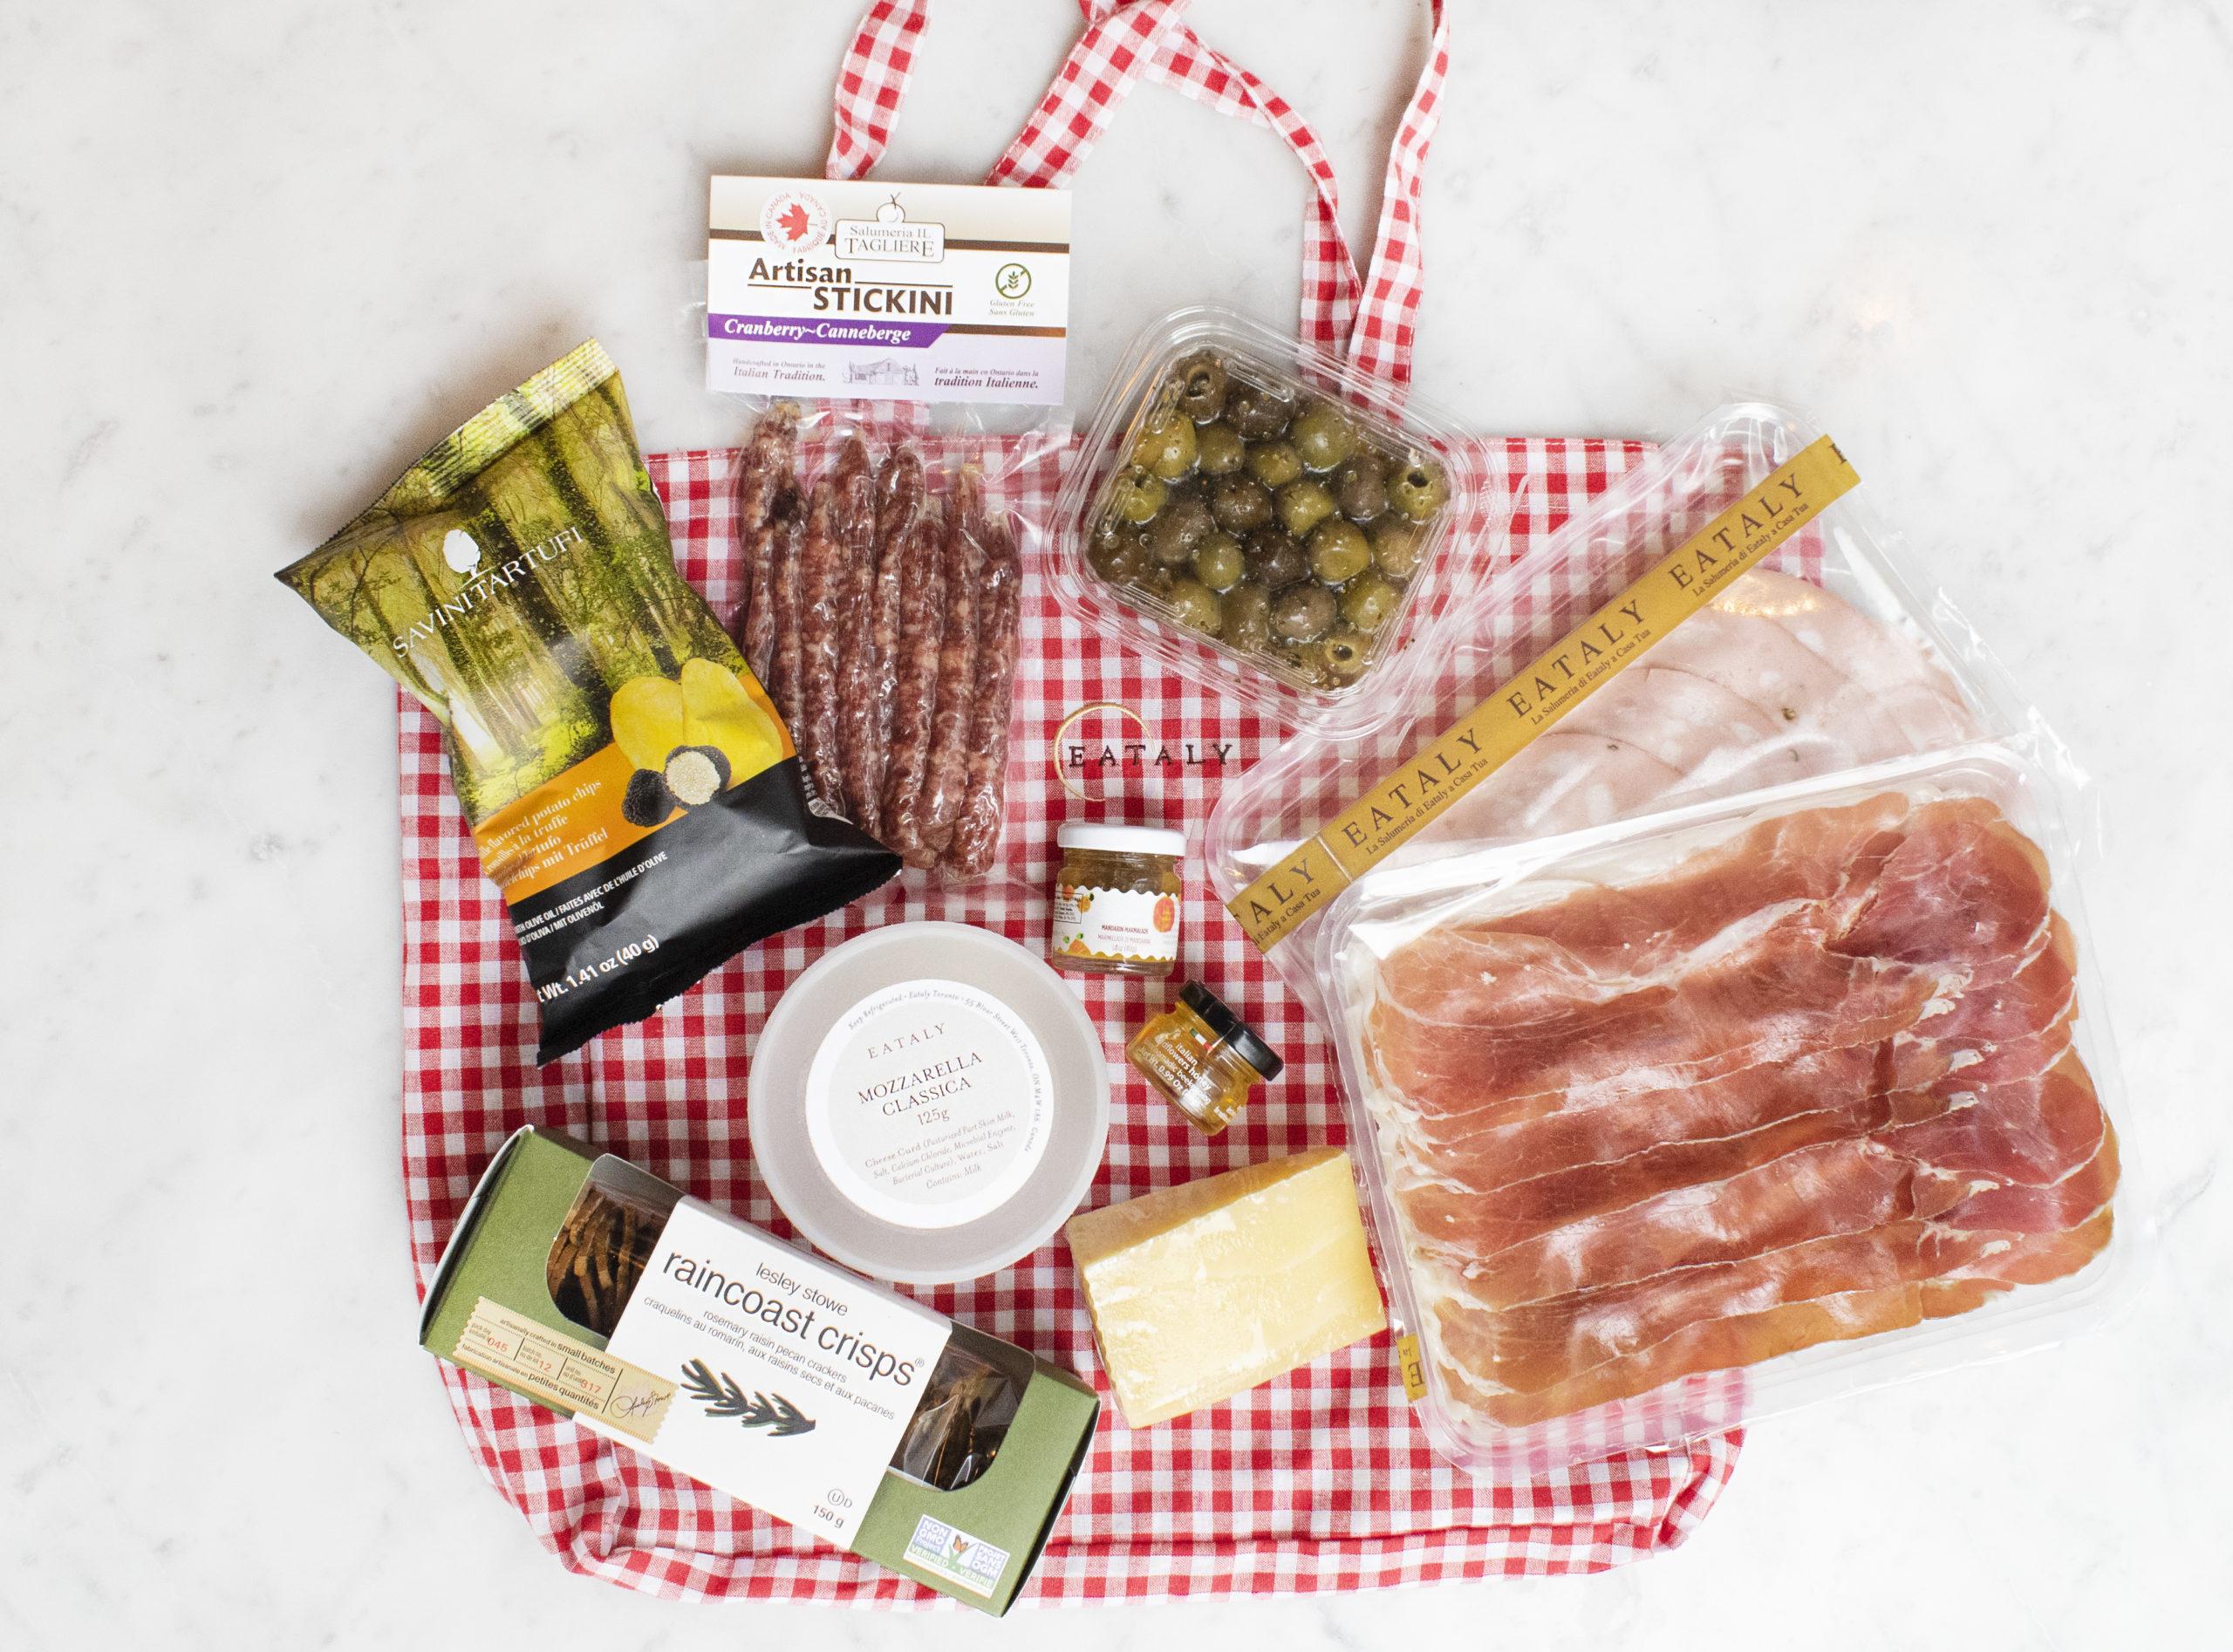 picnic basket ingredients